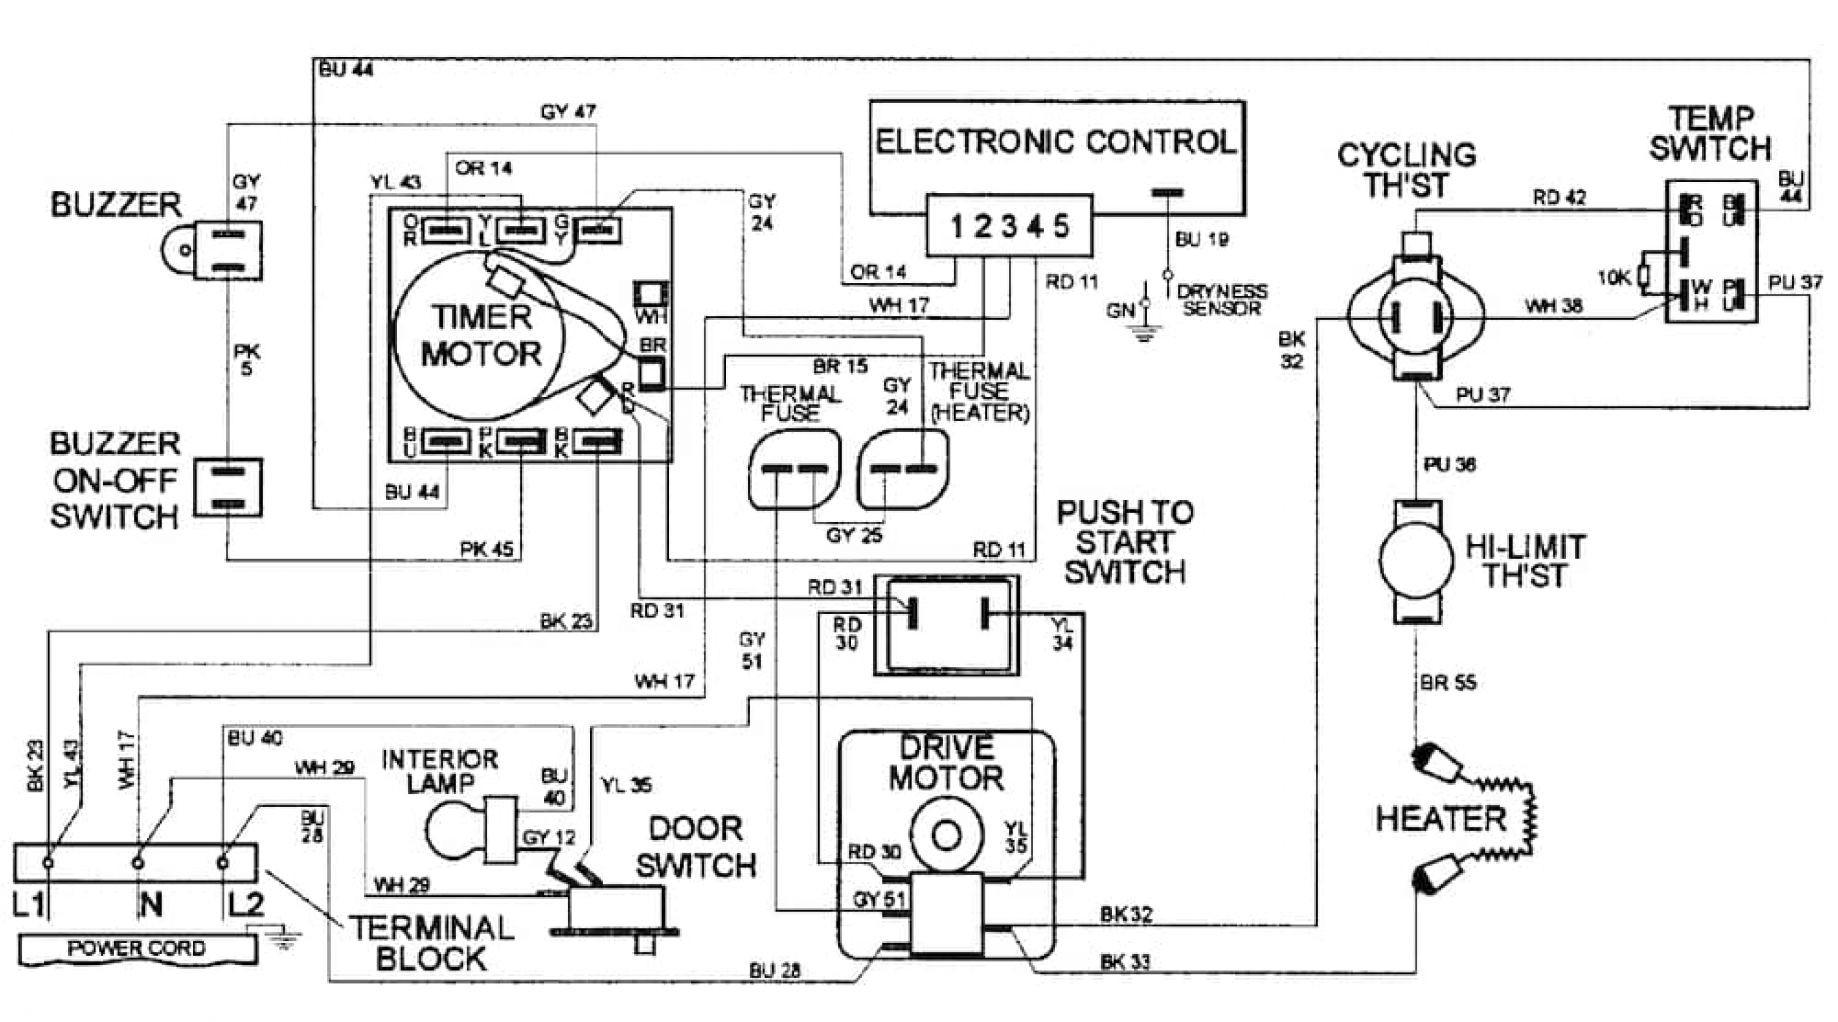 dryer wiring diagram schematic wiring diagram image rh mainetreasurechest com dryer wiring diagram 3 prong dryer wire diagram